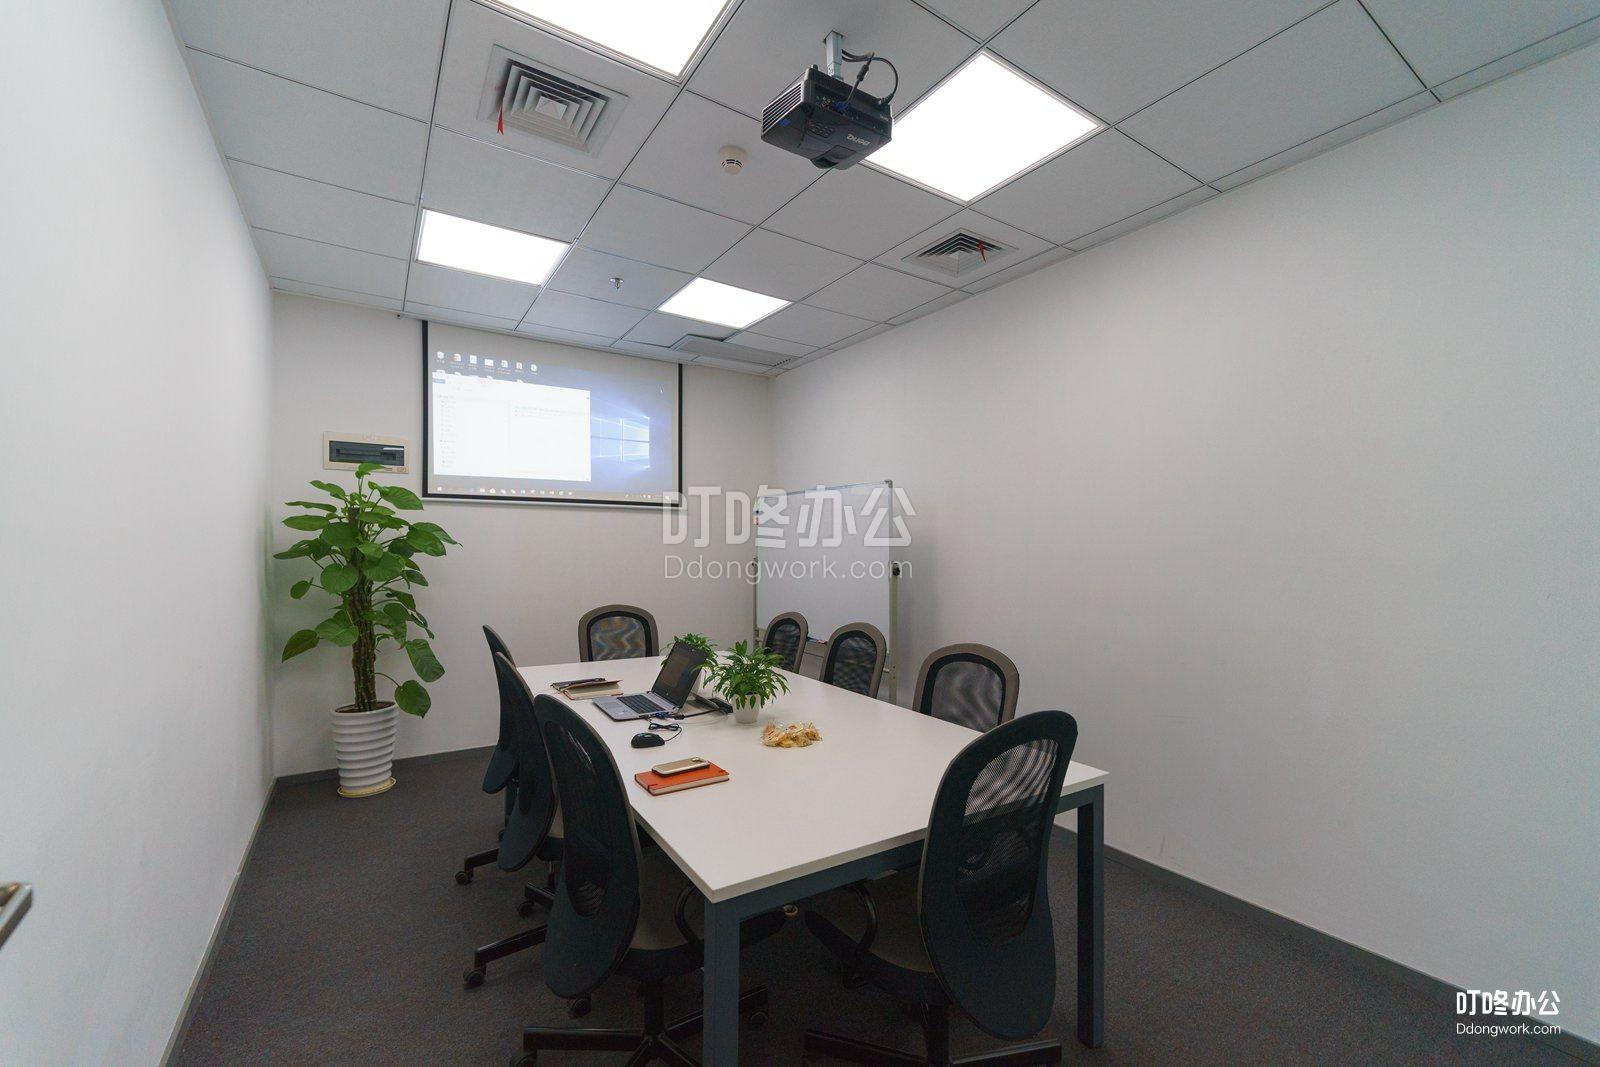 弘夏国际商务空间公共区域